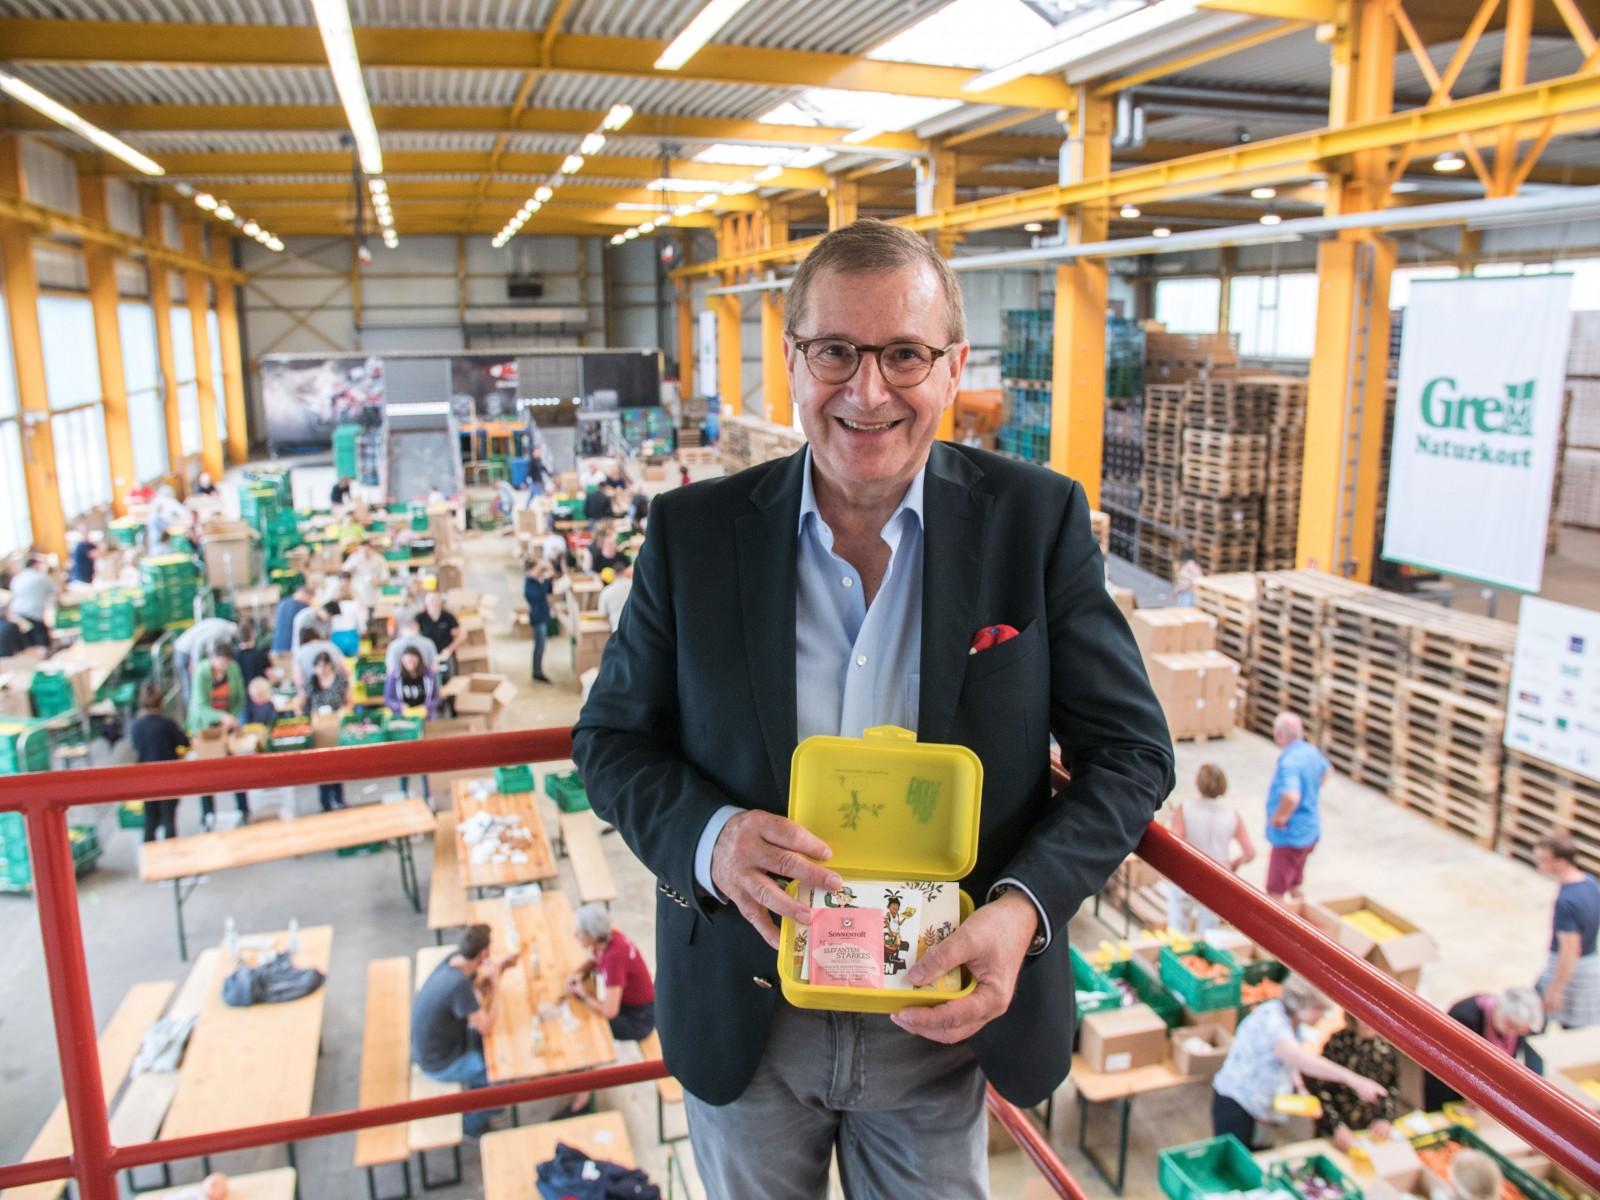 Jan Hofer unterstützte gut 100 Freiwillige beim Füllen der Bio-Brotboxen